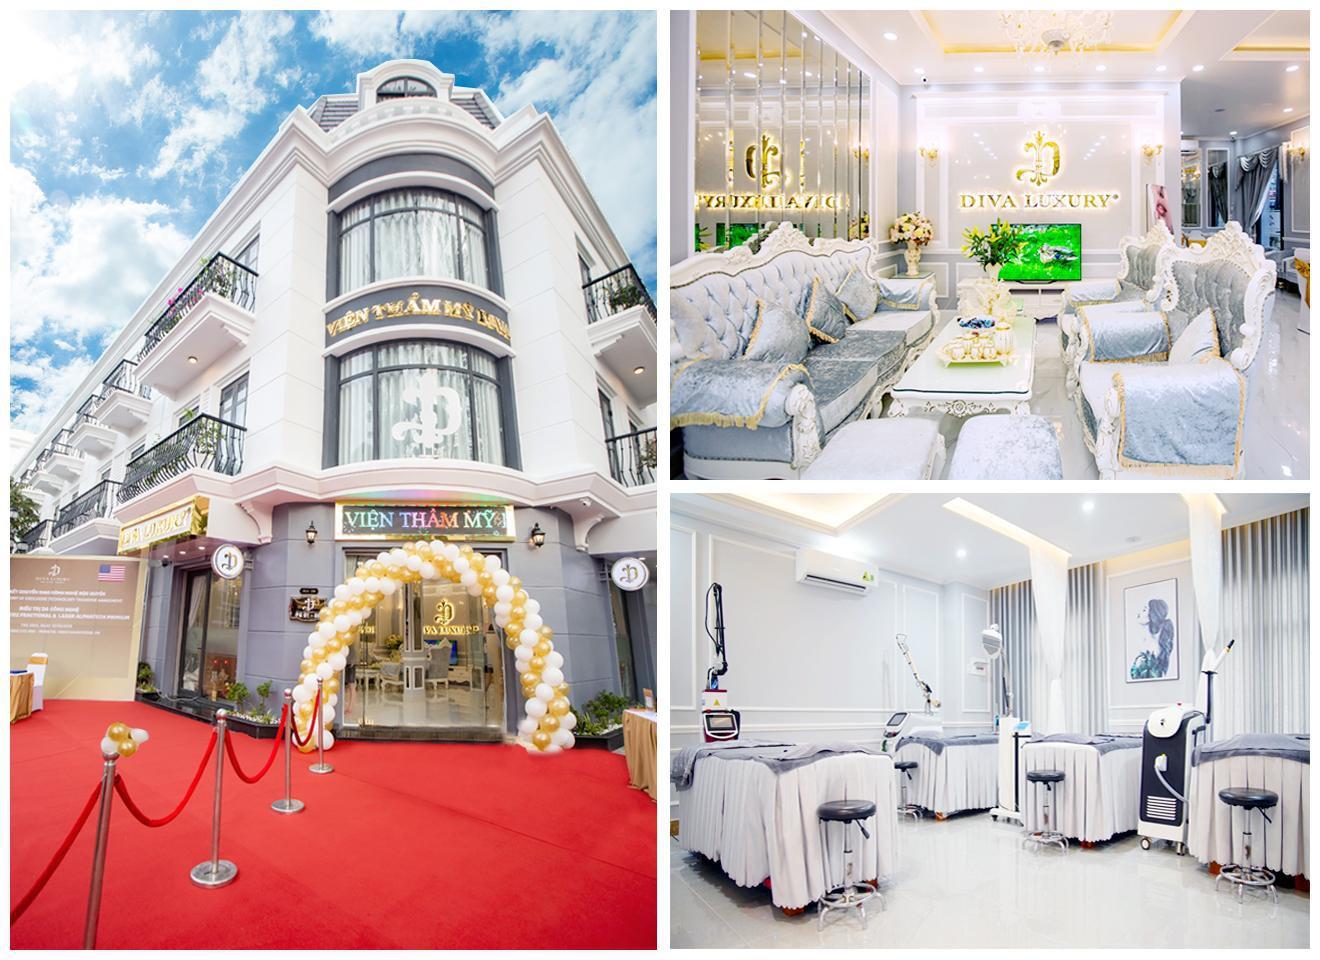 Viện thẩm mỹ Diva chi nhánh Trà Vinh kín khách trong tuần đầu khai trương - Ảnh 1.